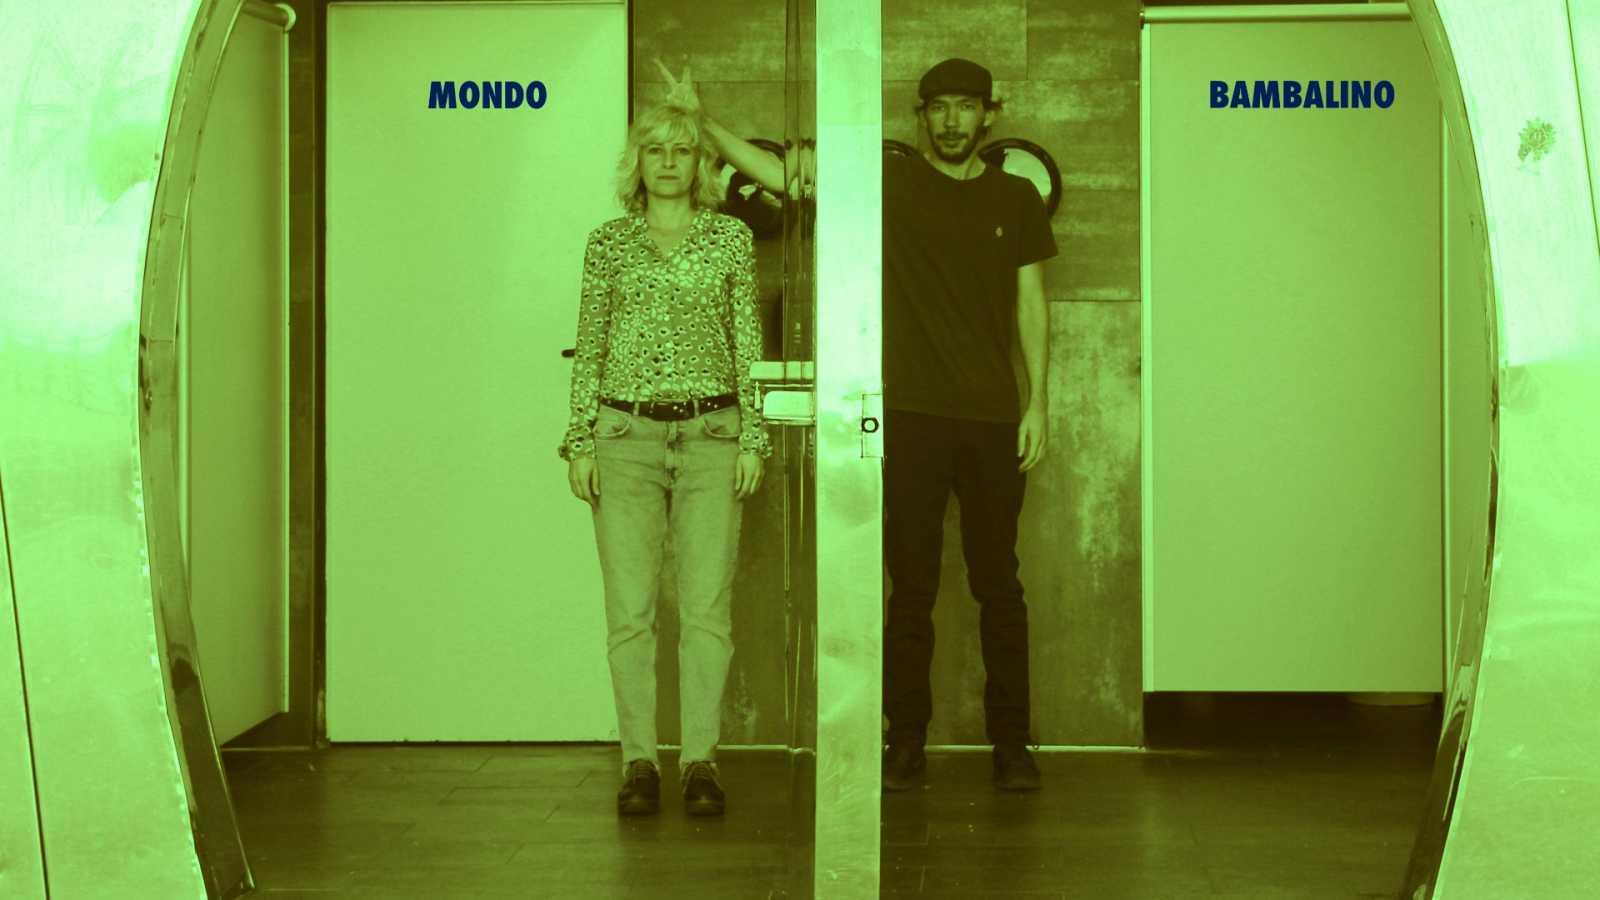 La sala - Mondo Bambalino: Máscaras - 24/04/21 - Escuchar ahora